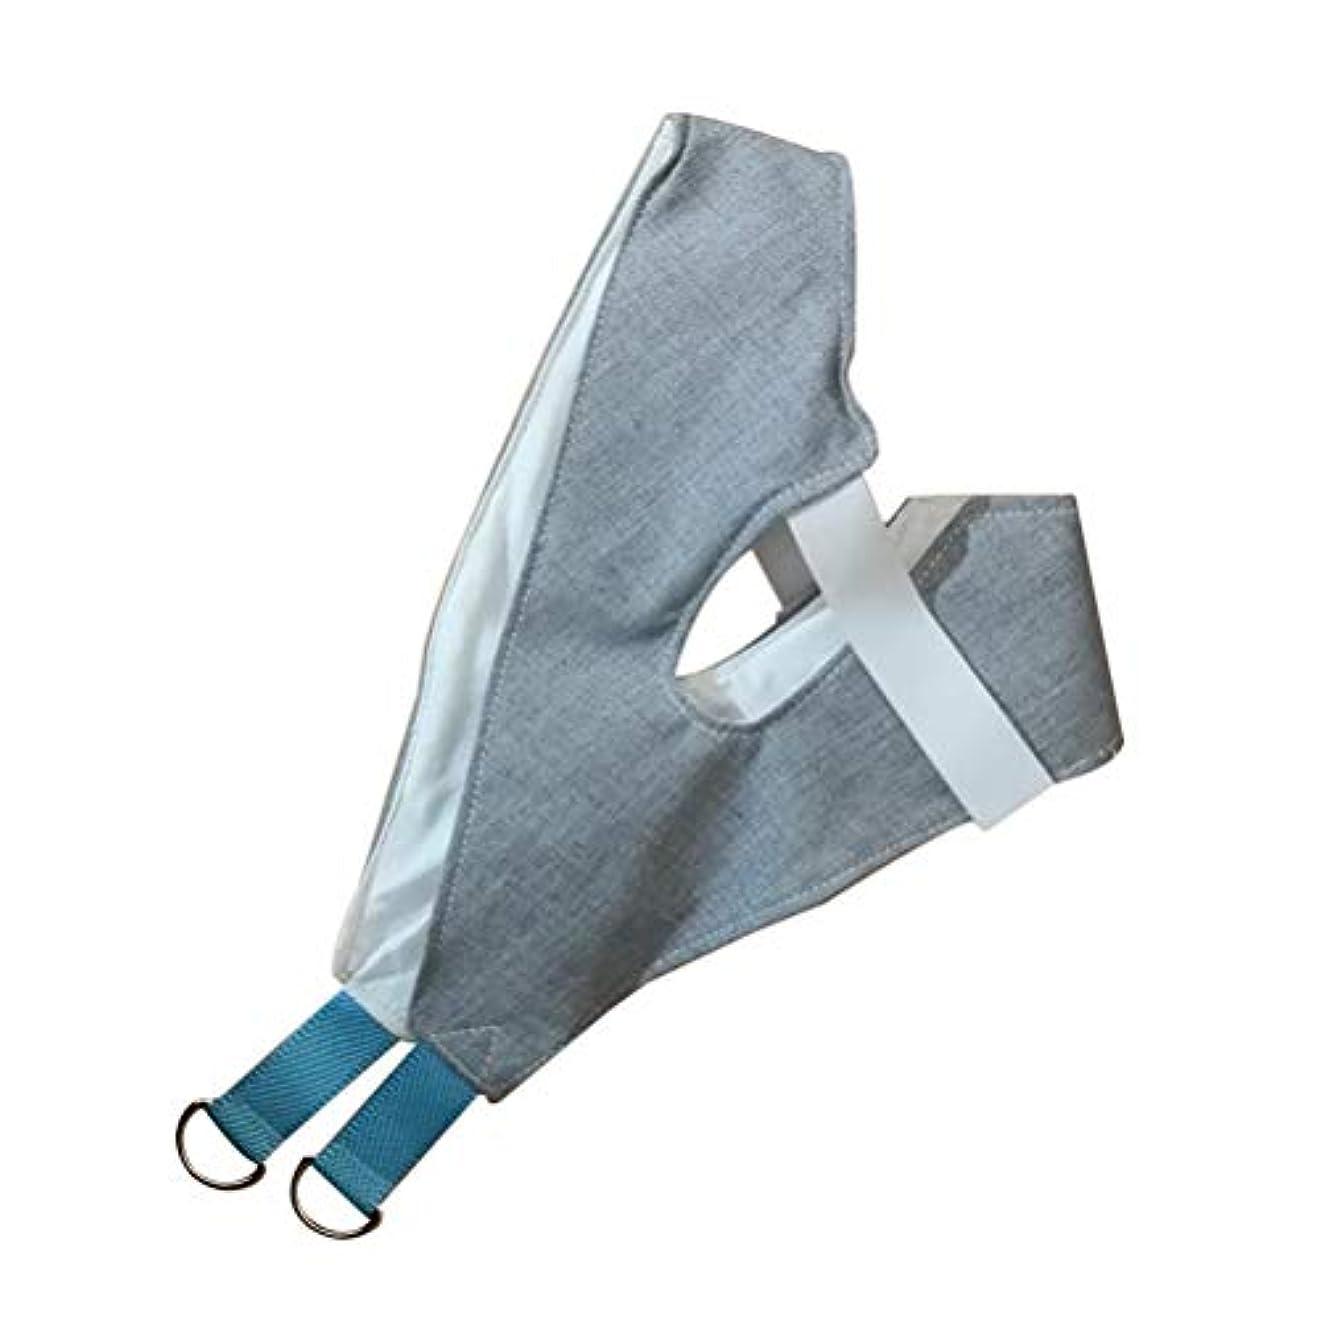 入手しますハシー致命的HEALLILY ホームネック牽引装置(ドアの向こう側)頸部牽引装置ユニット肩括弧頭痛緩和および回復用具(ラムダムカラー)